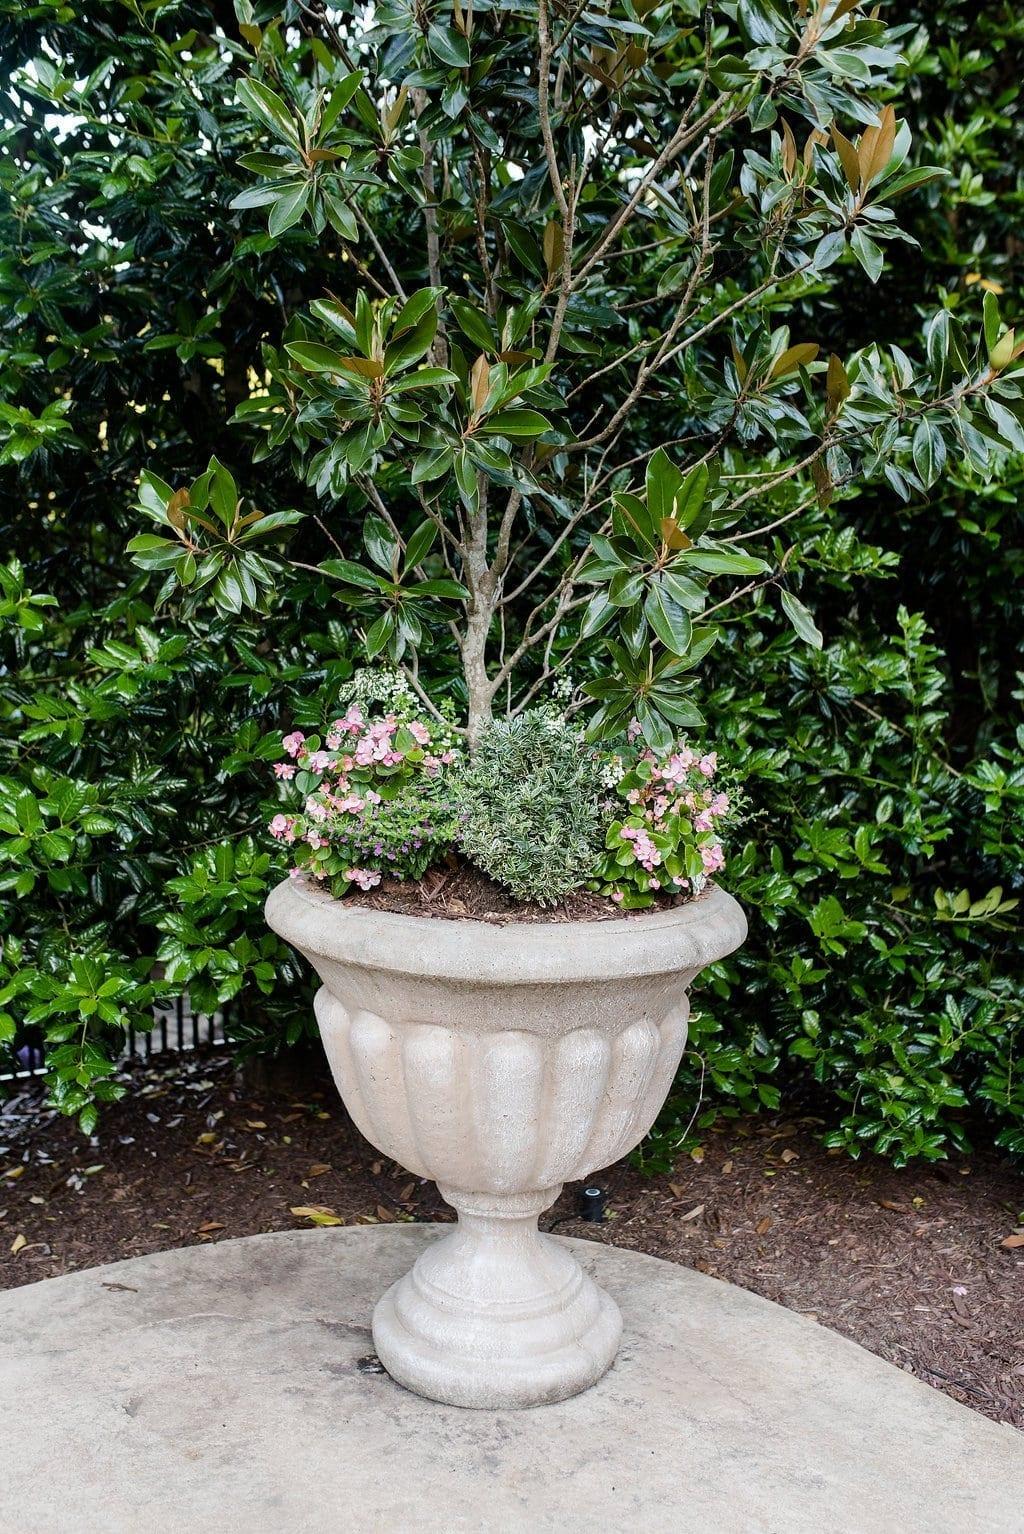 Magnolia Gem tree in planter.